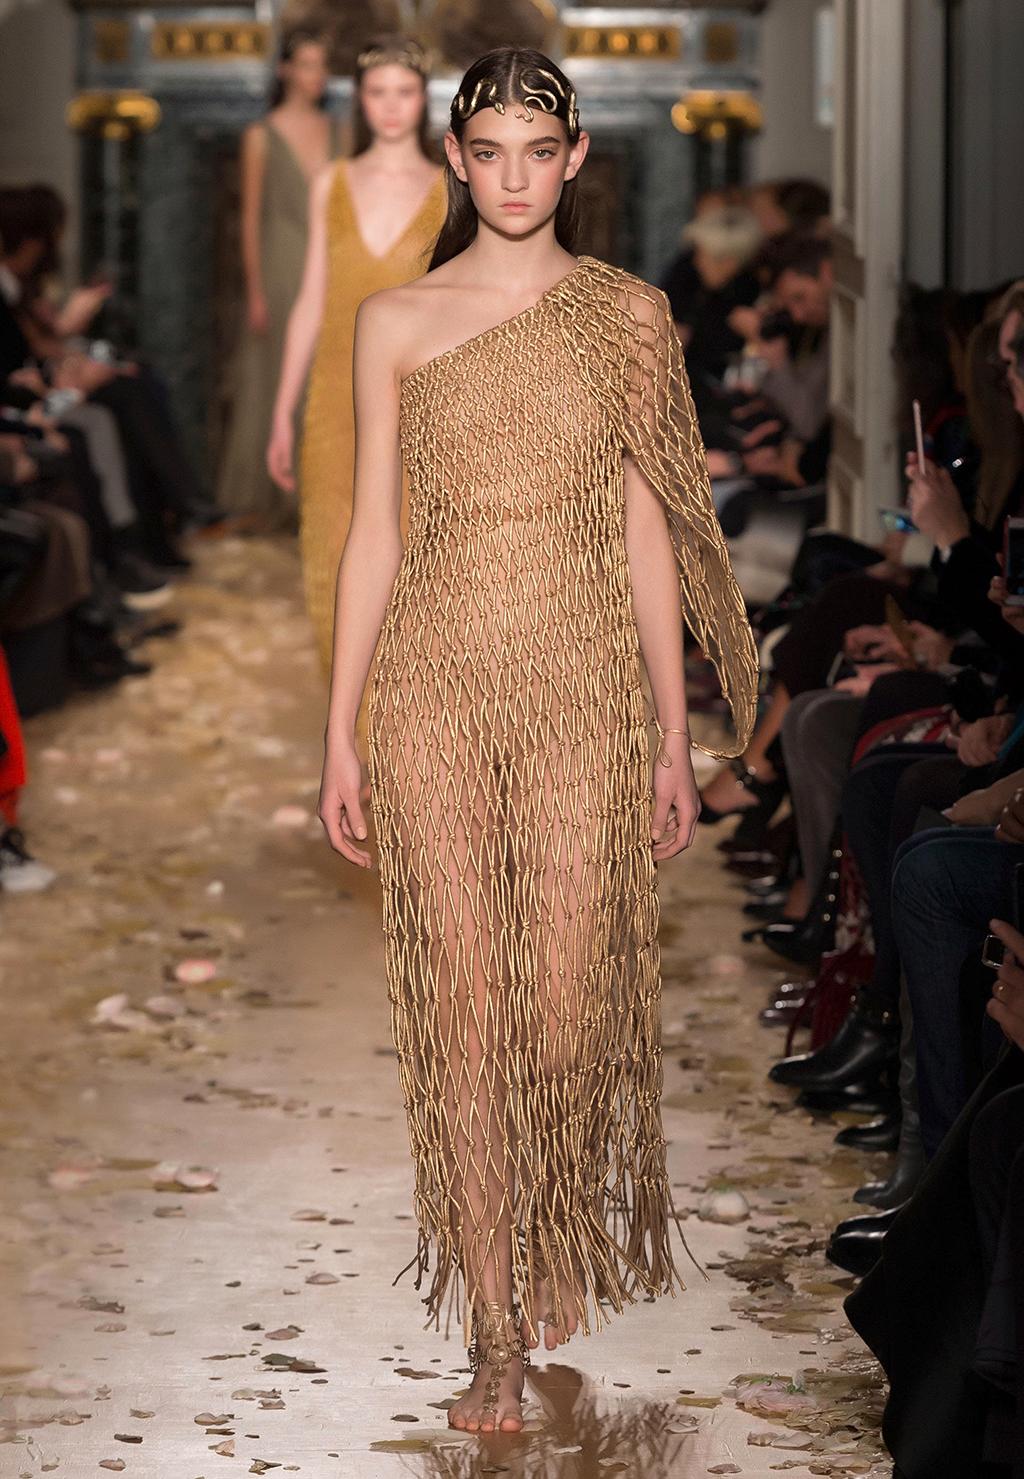 Valentino-Couture-Silhouette-36